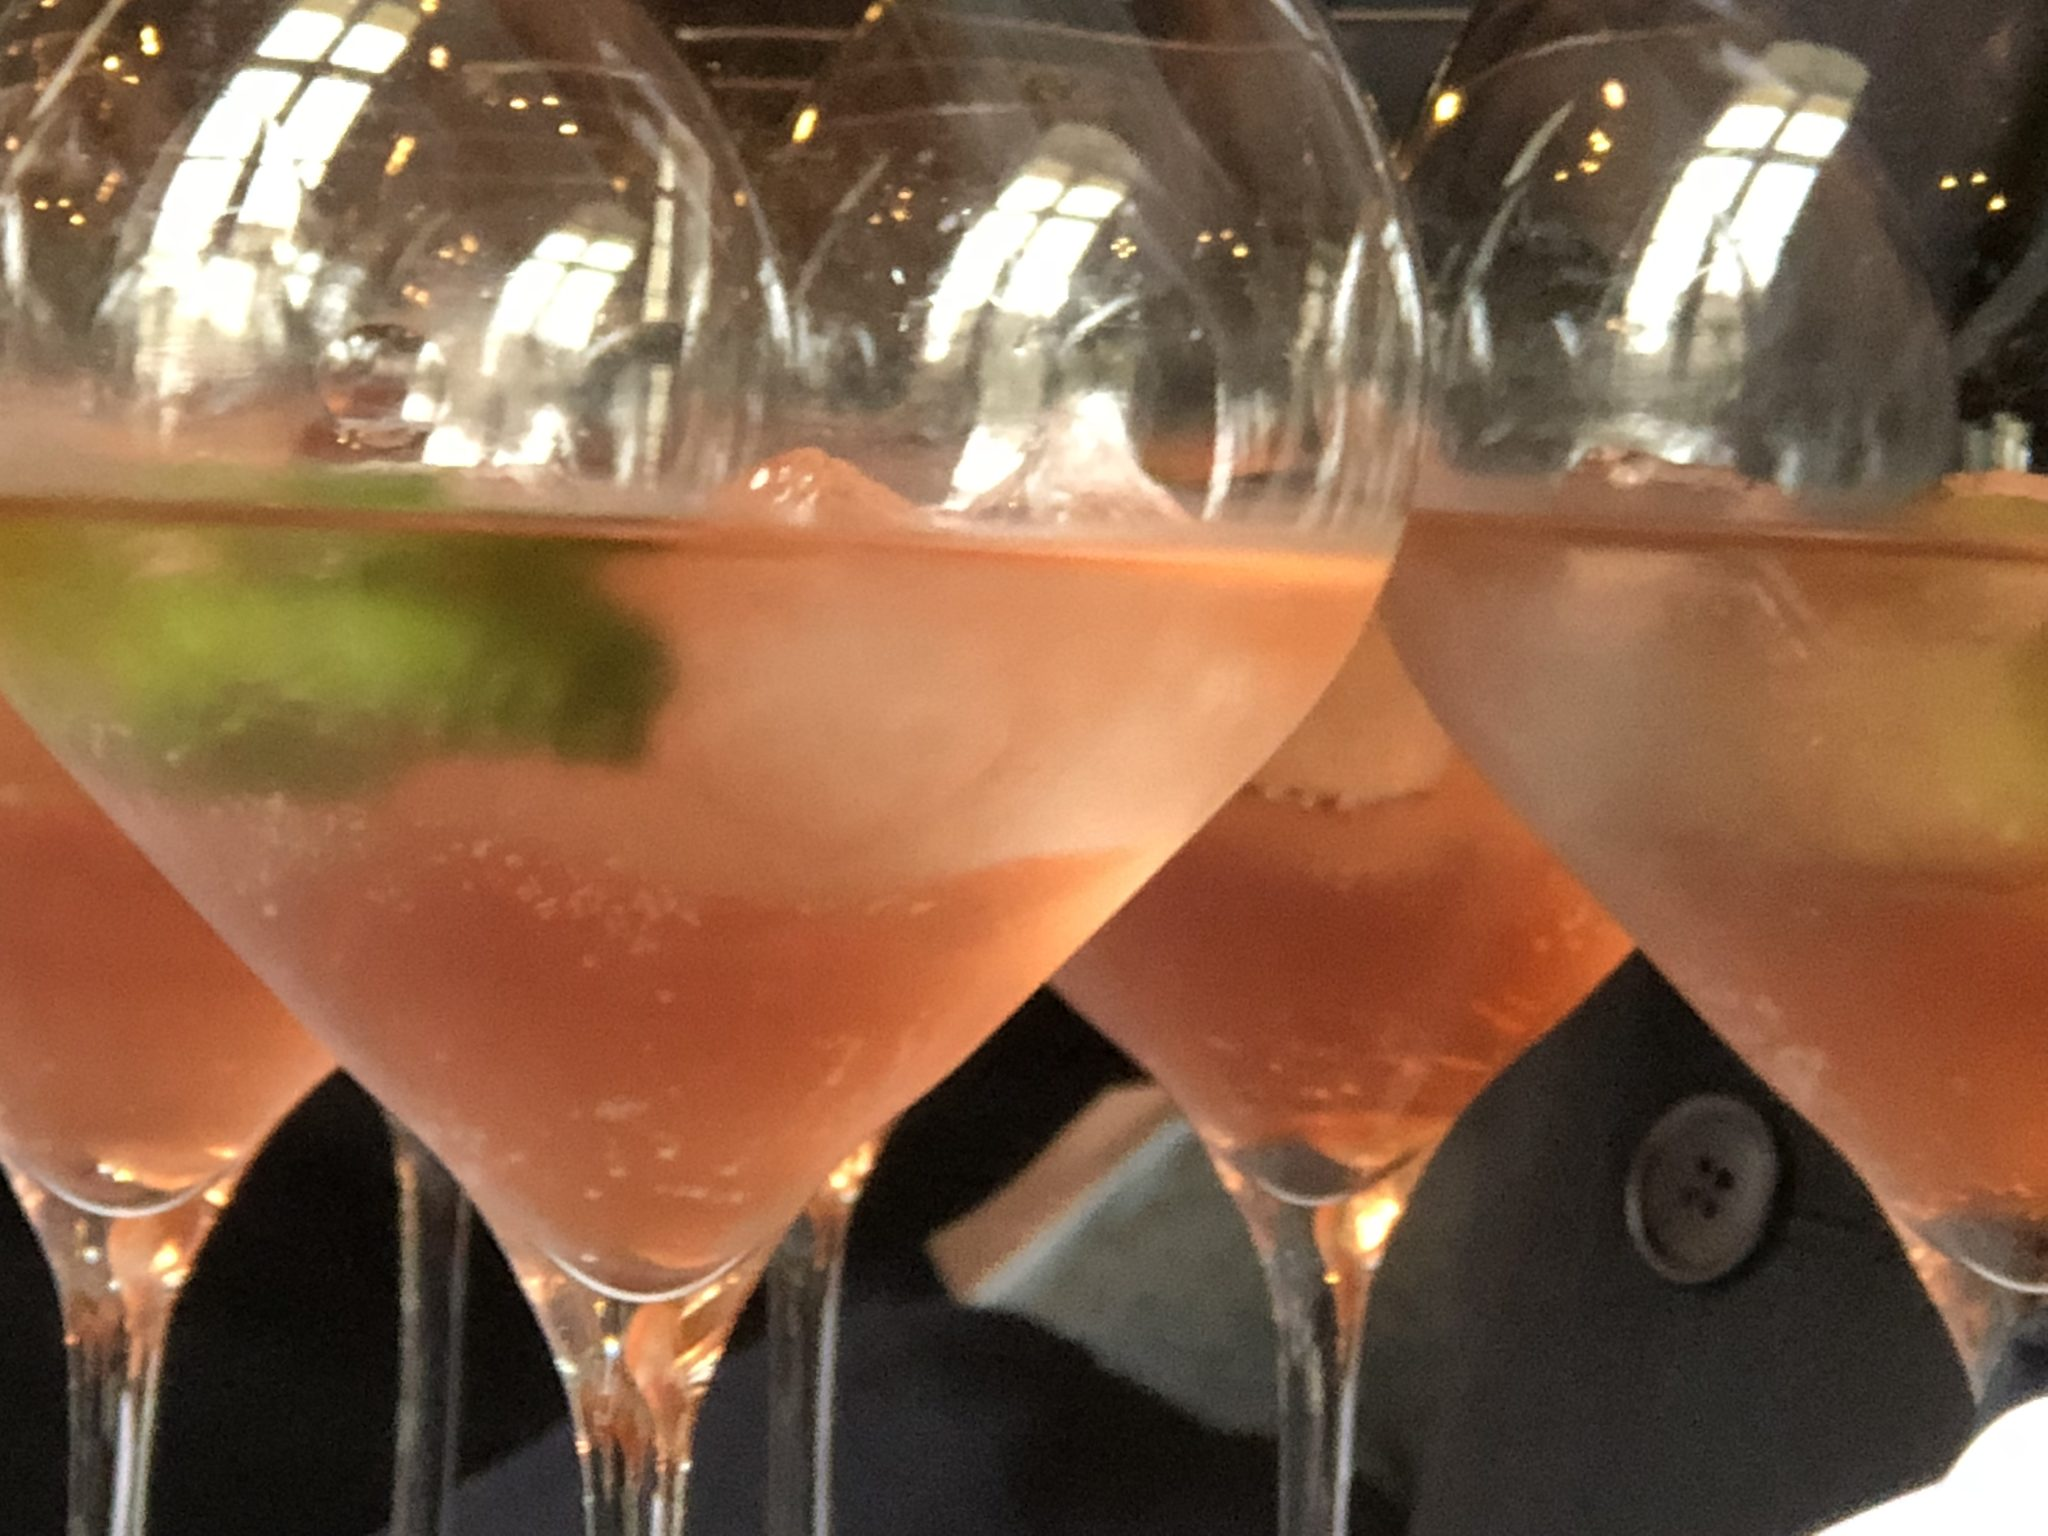 Le champagne rosé, encore et toujours…Un chiffre d'affaires record